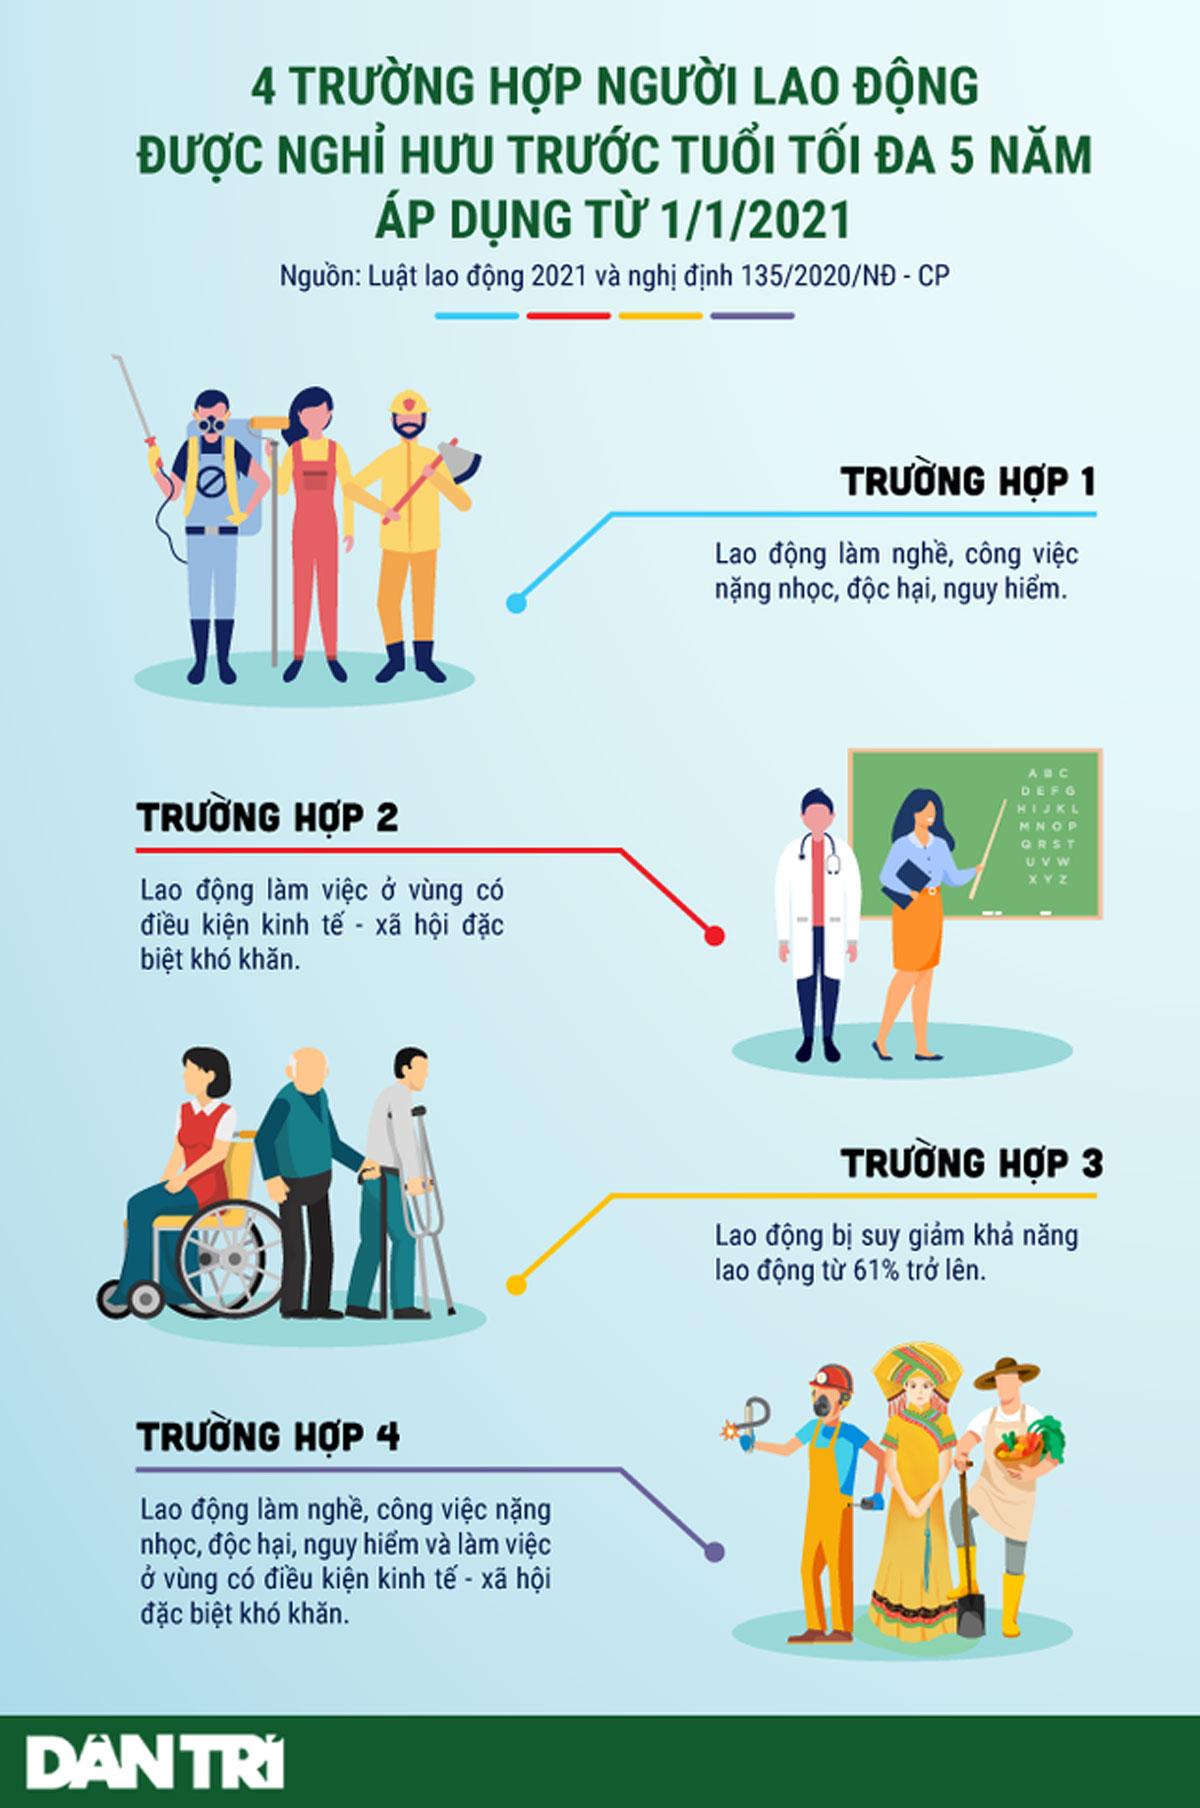 4 trường hợp, nghỉ hưu trước tuổi, áp dụng từ 1/1/2021